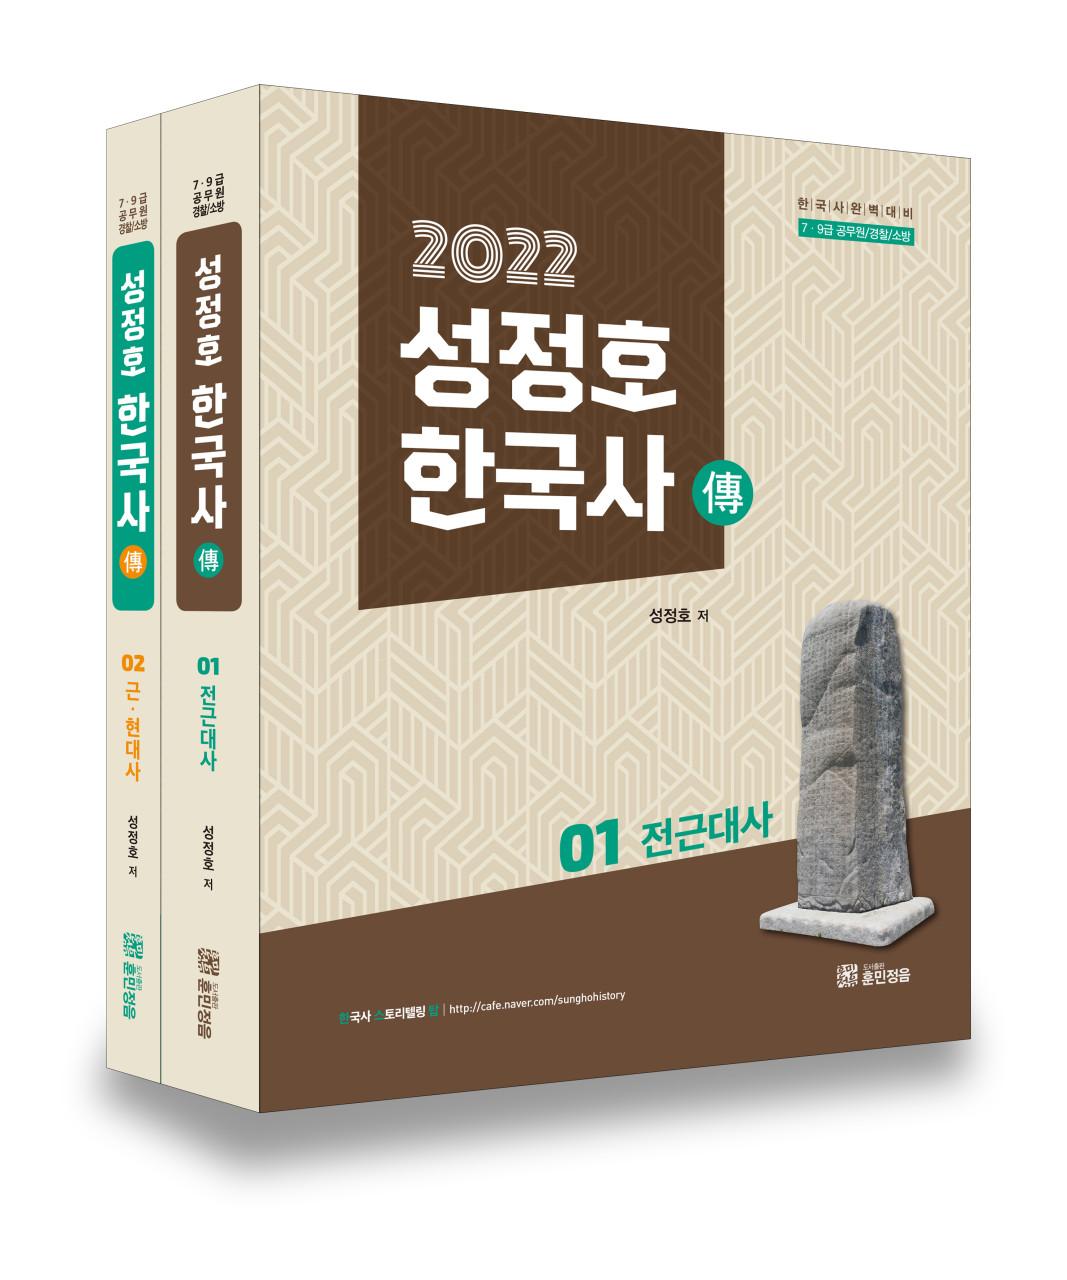 2021 성정호 한국사 전 세트 - 전2권